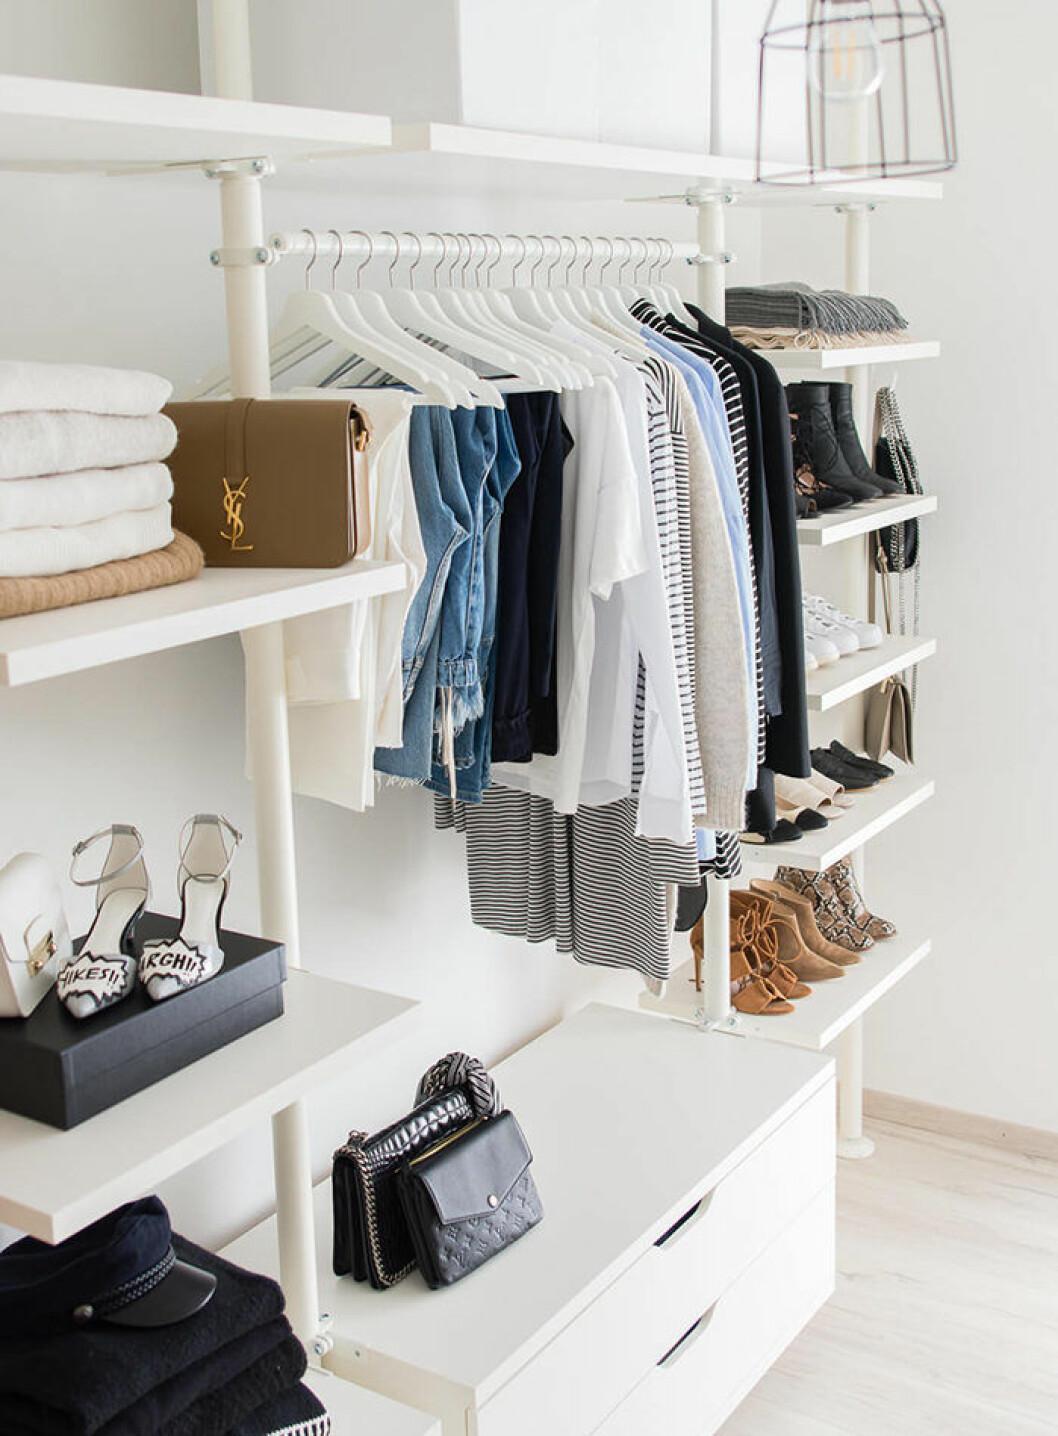 Walk-in closet med jeans, väskor och skor